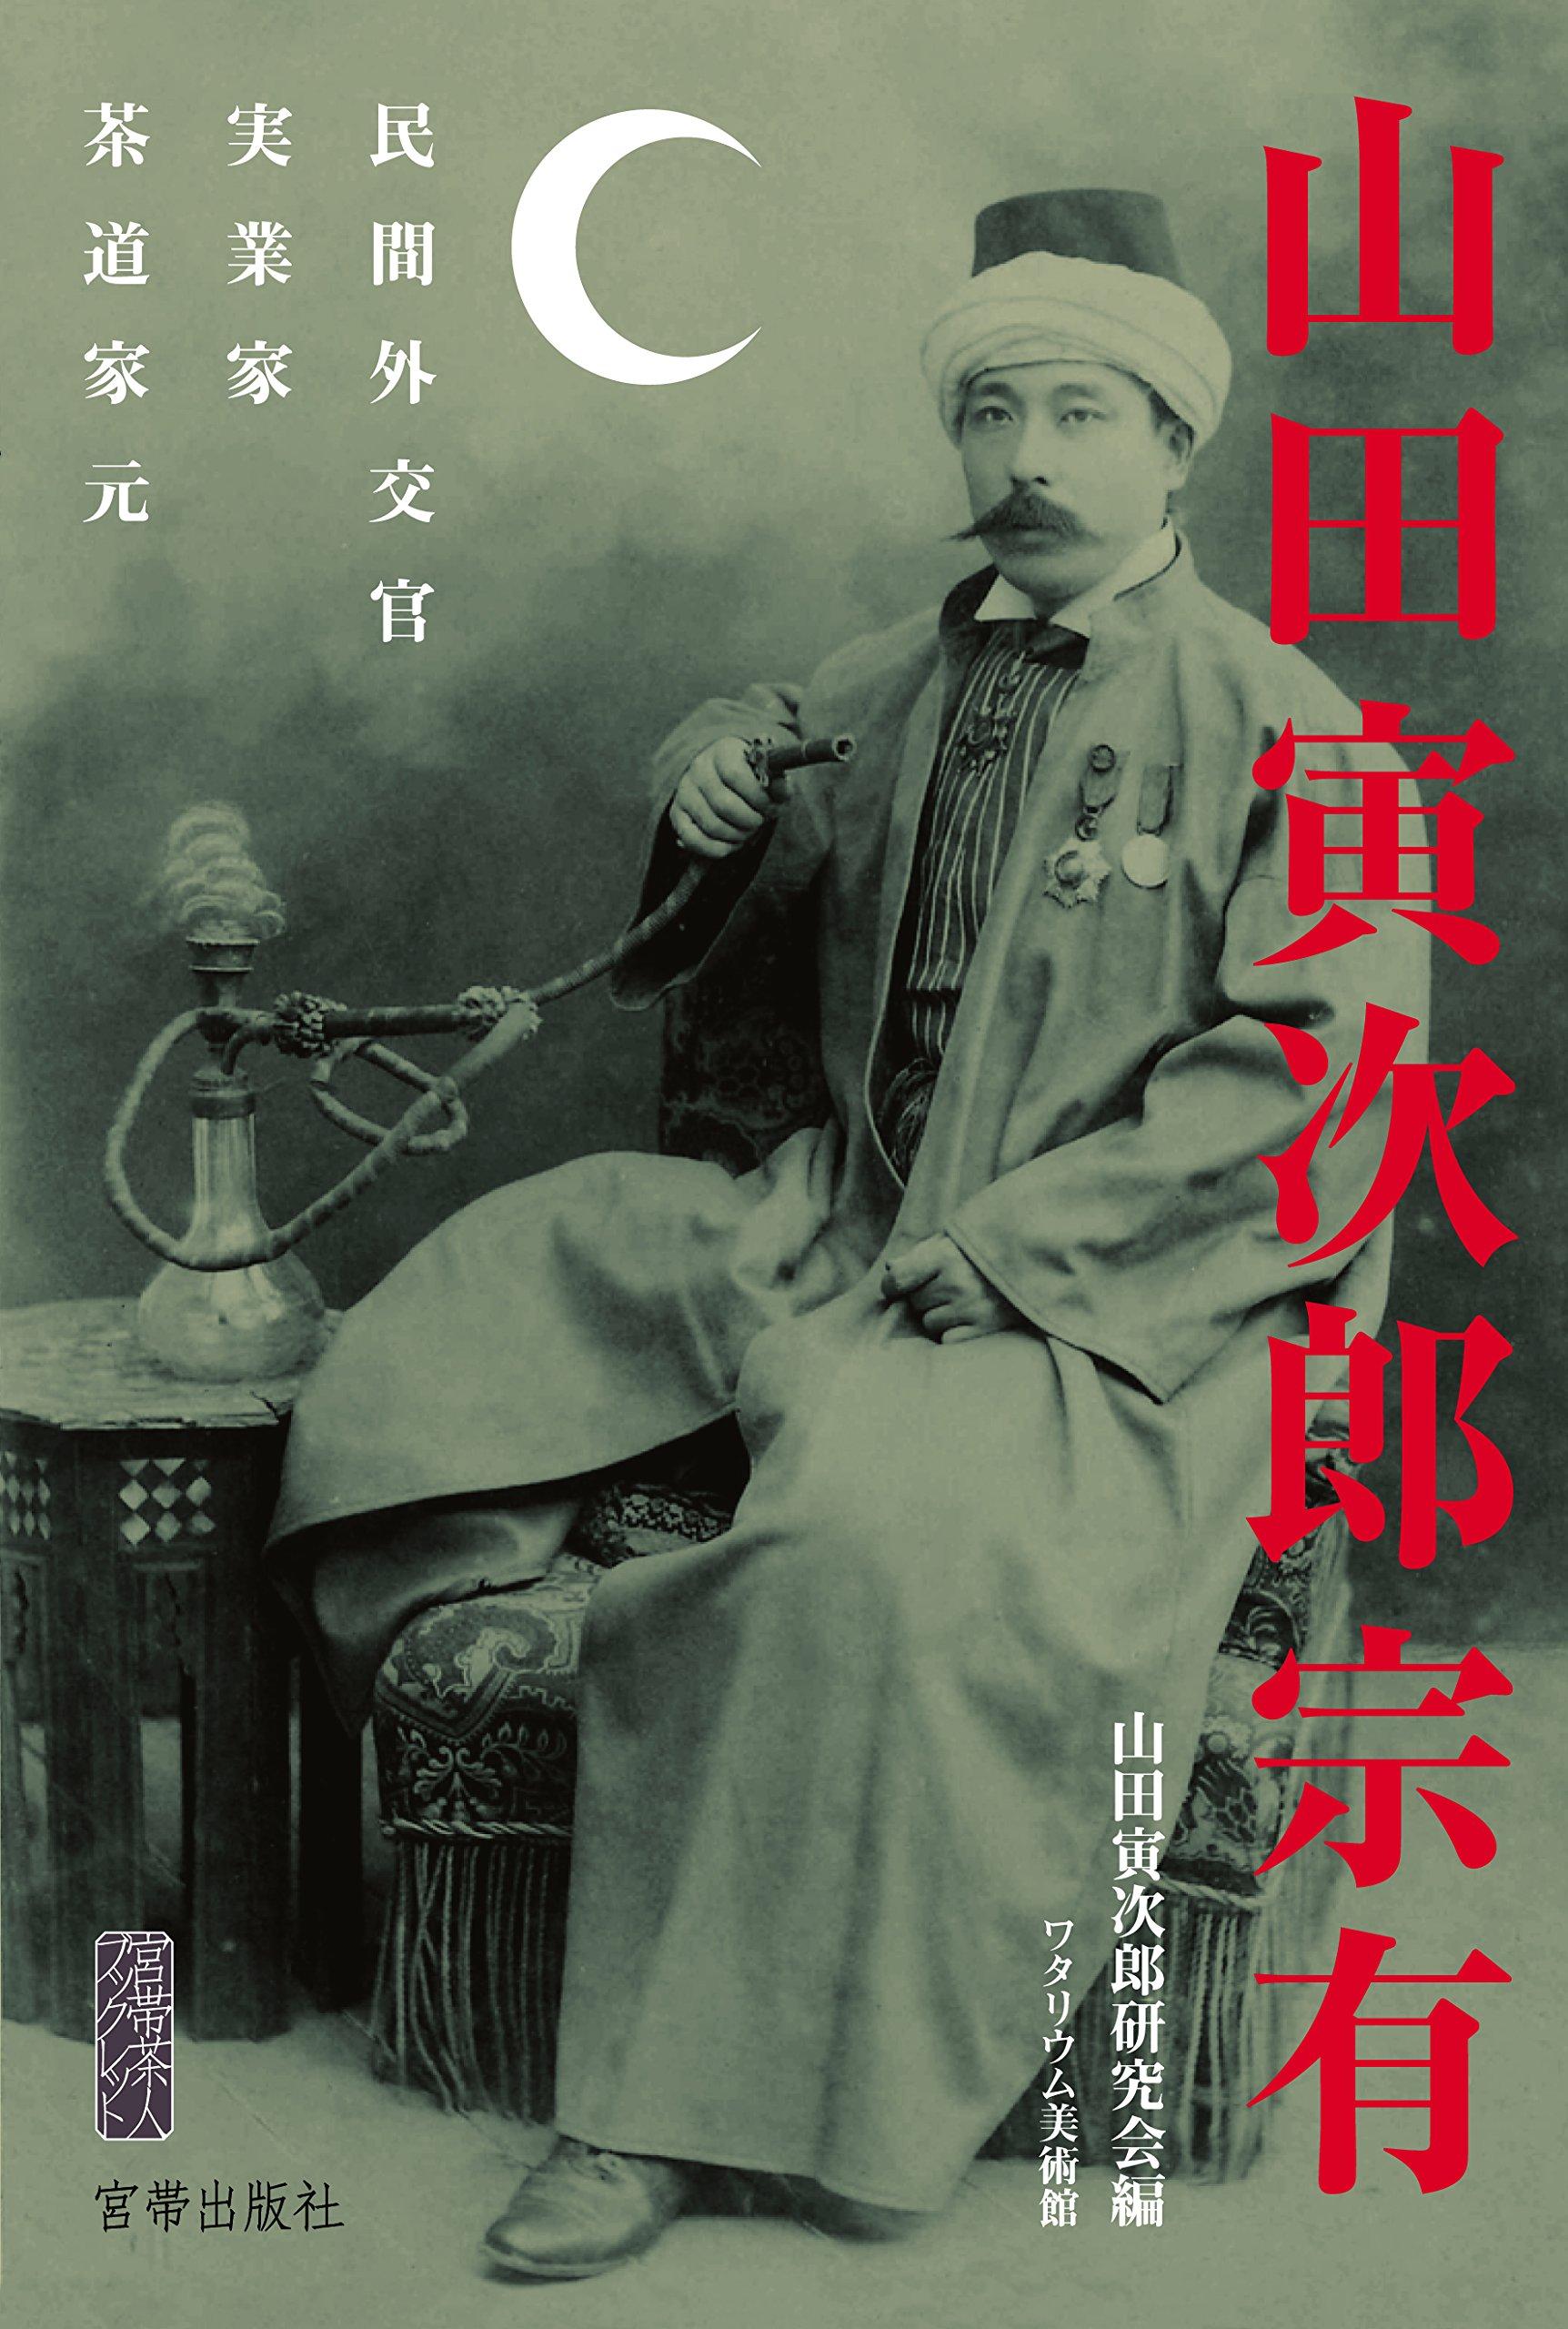 「山田 宗有」の画像検索結果